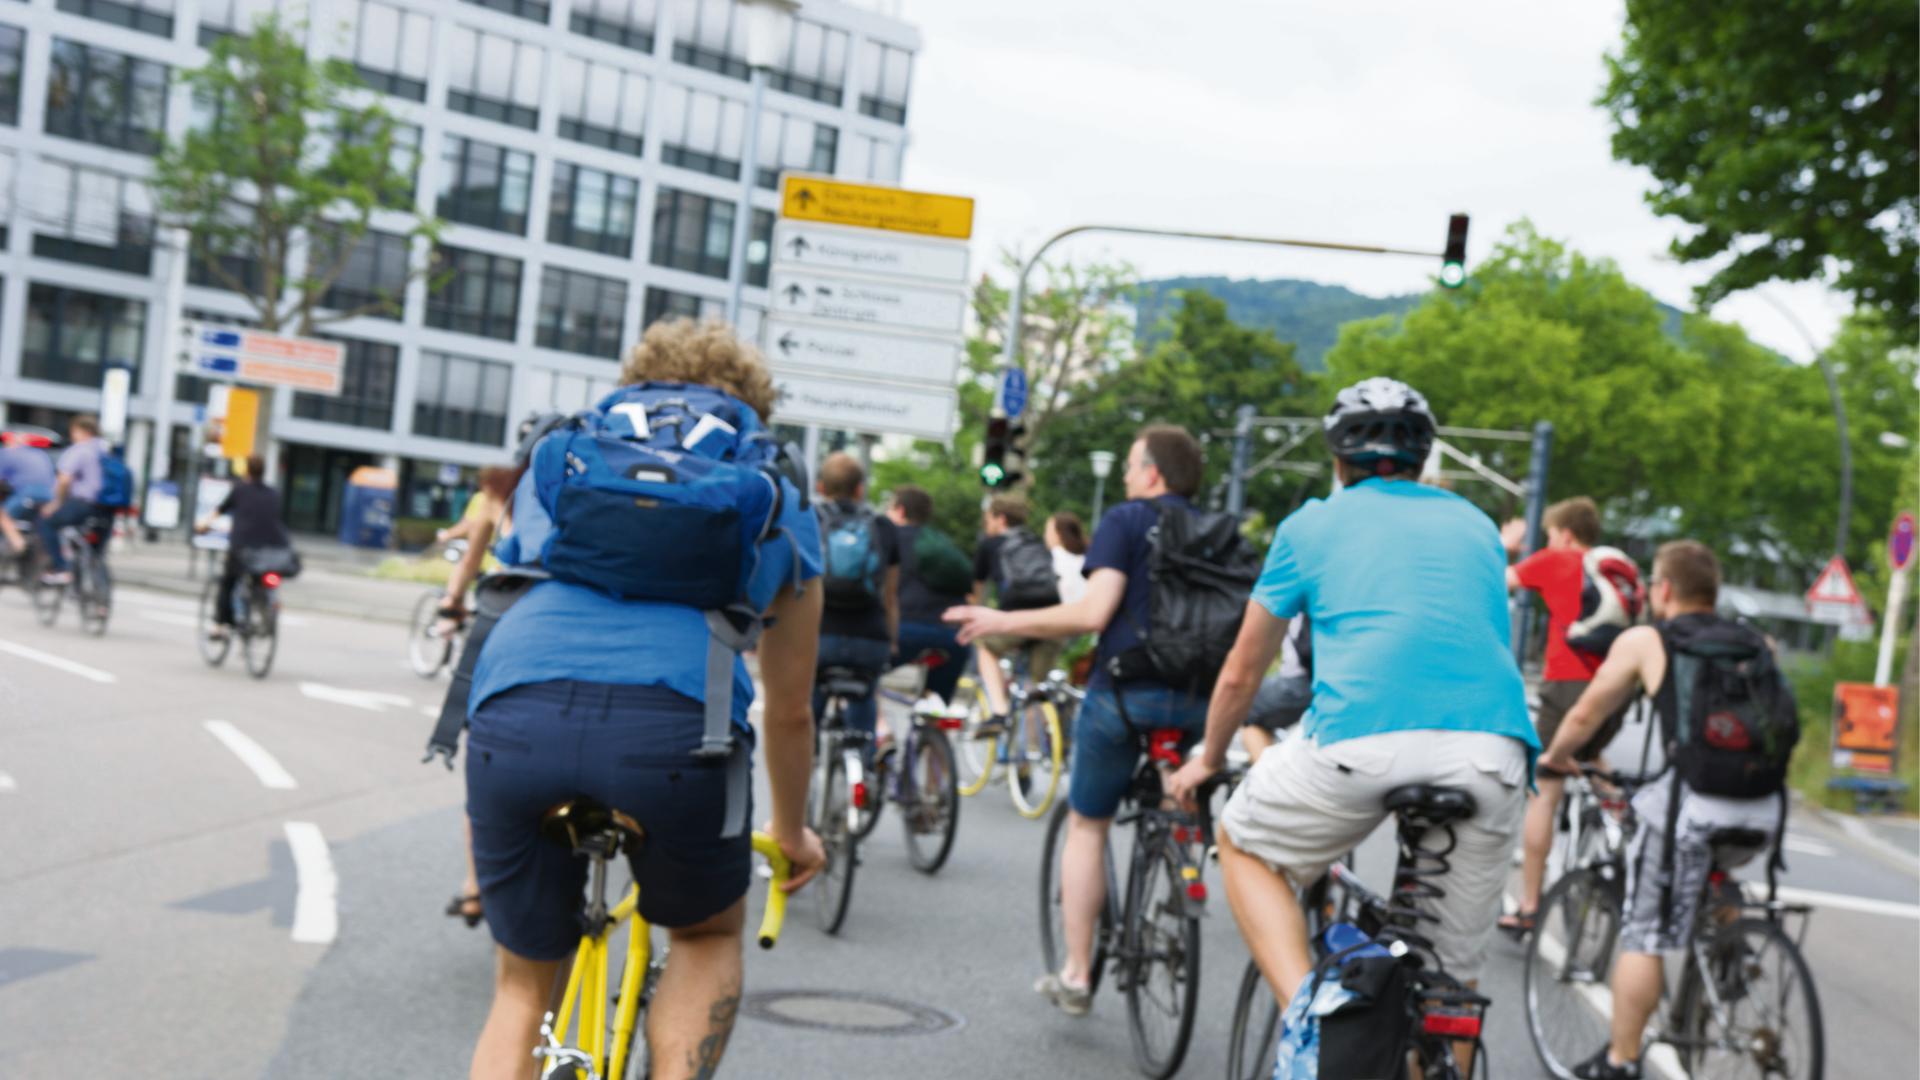 Für die Critical Mass gelten die selben Verkehrsregeln wie für ein einzelnes Auto. Bild: Dominik Waibel